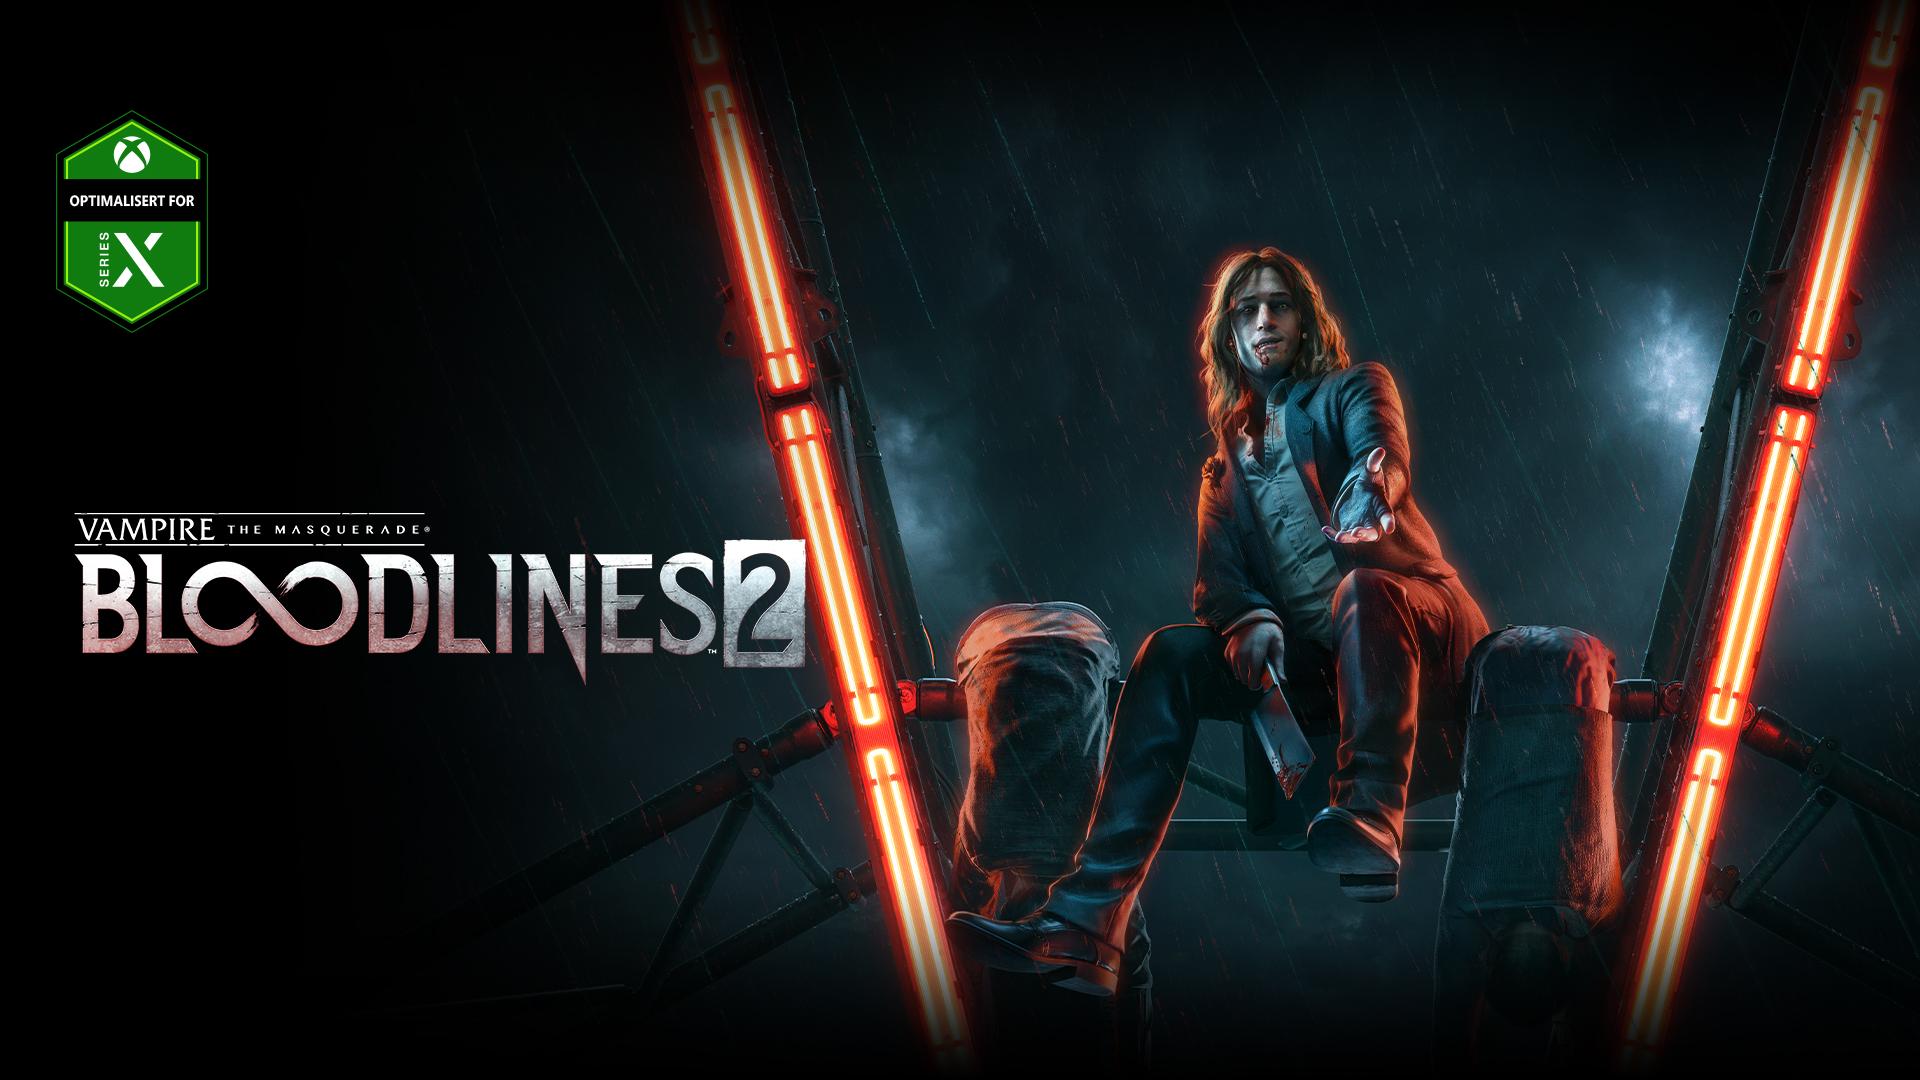 Vampire the Masquerade Bloodlines 2, En vampyr smiler mens han hviler på eikene til et pariserhjul.